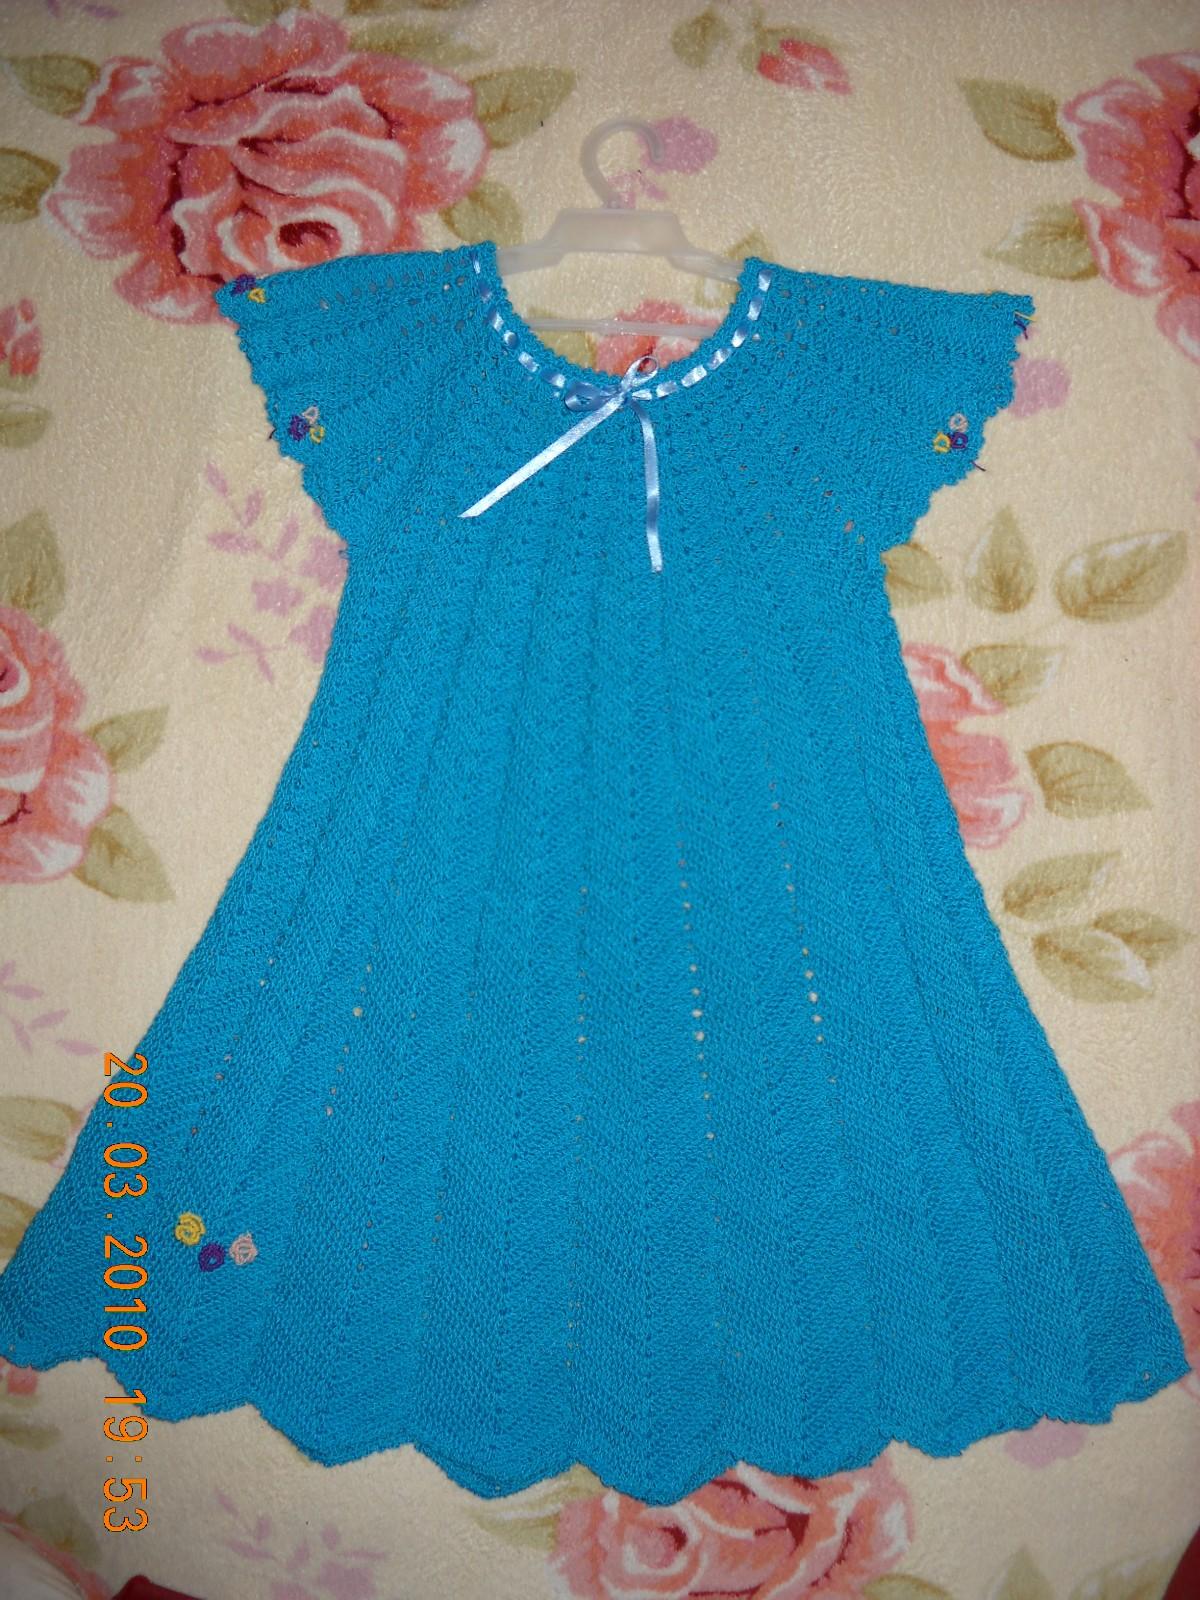 Inca o rochita pentru o fetita frumoasa :)